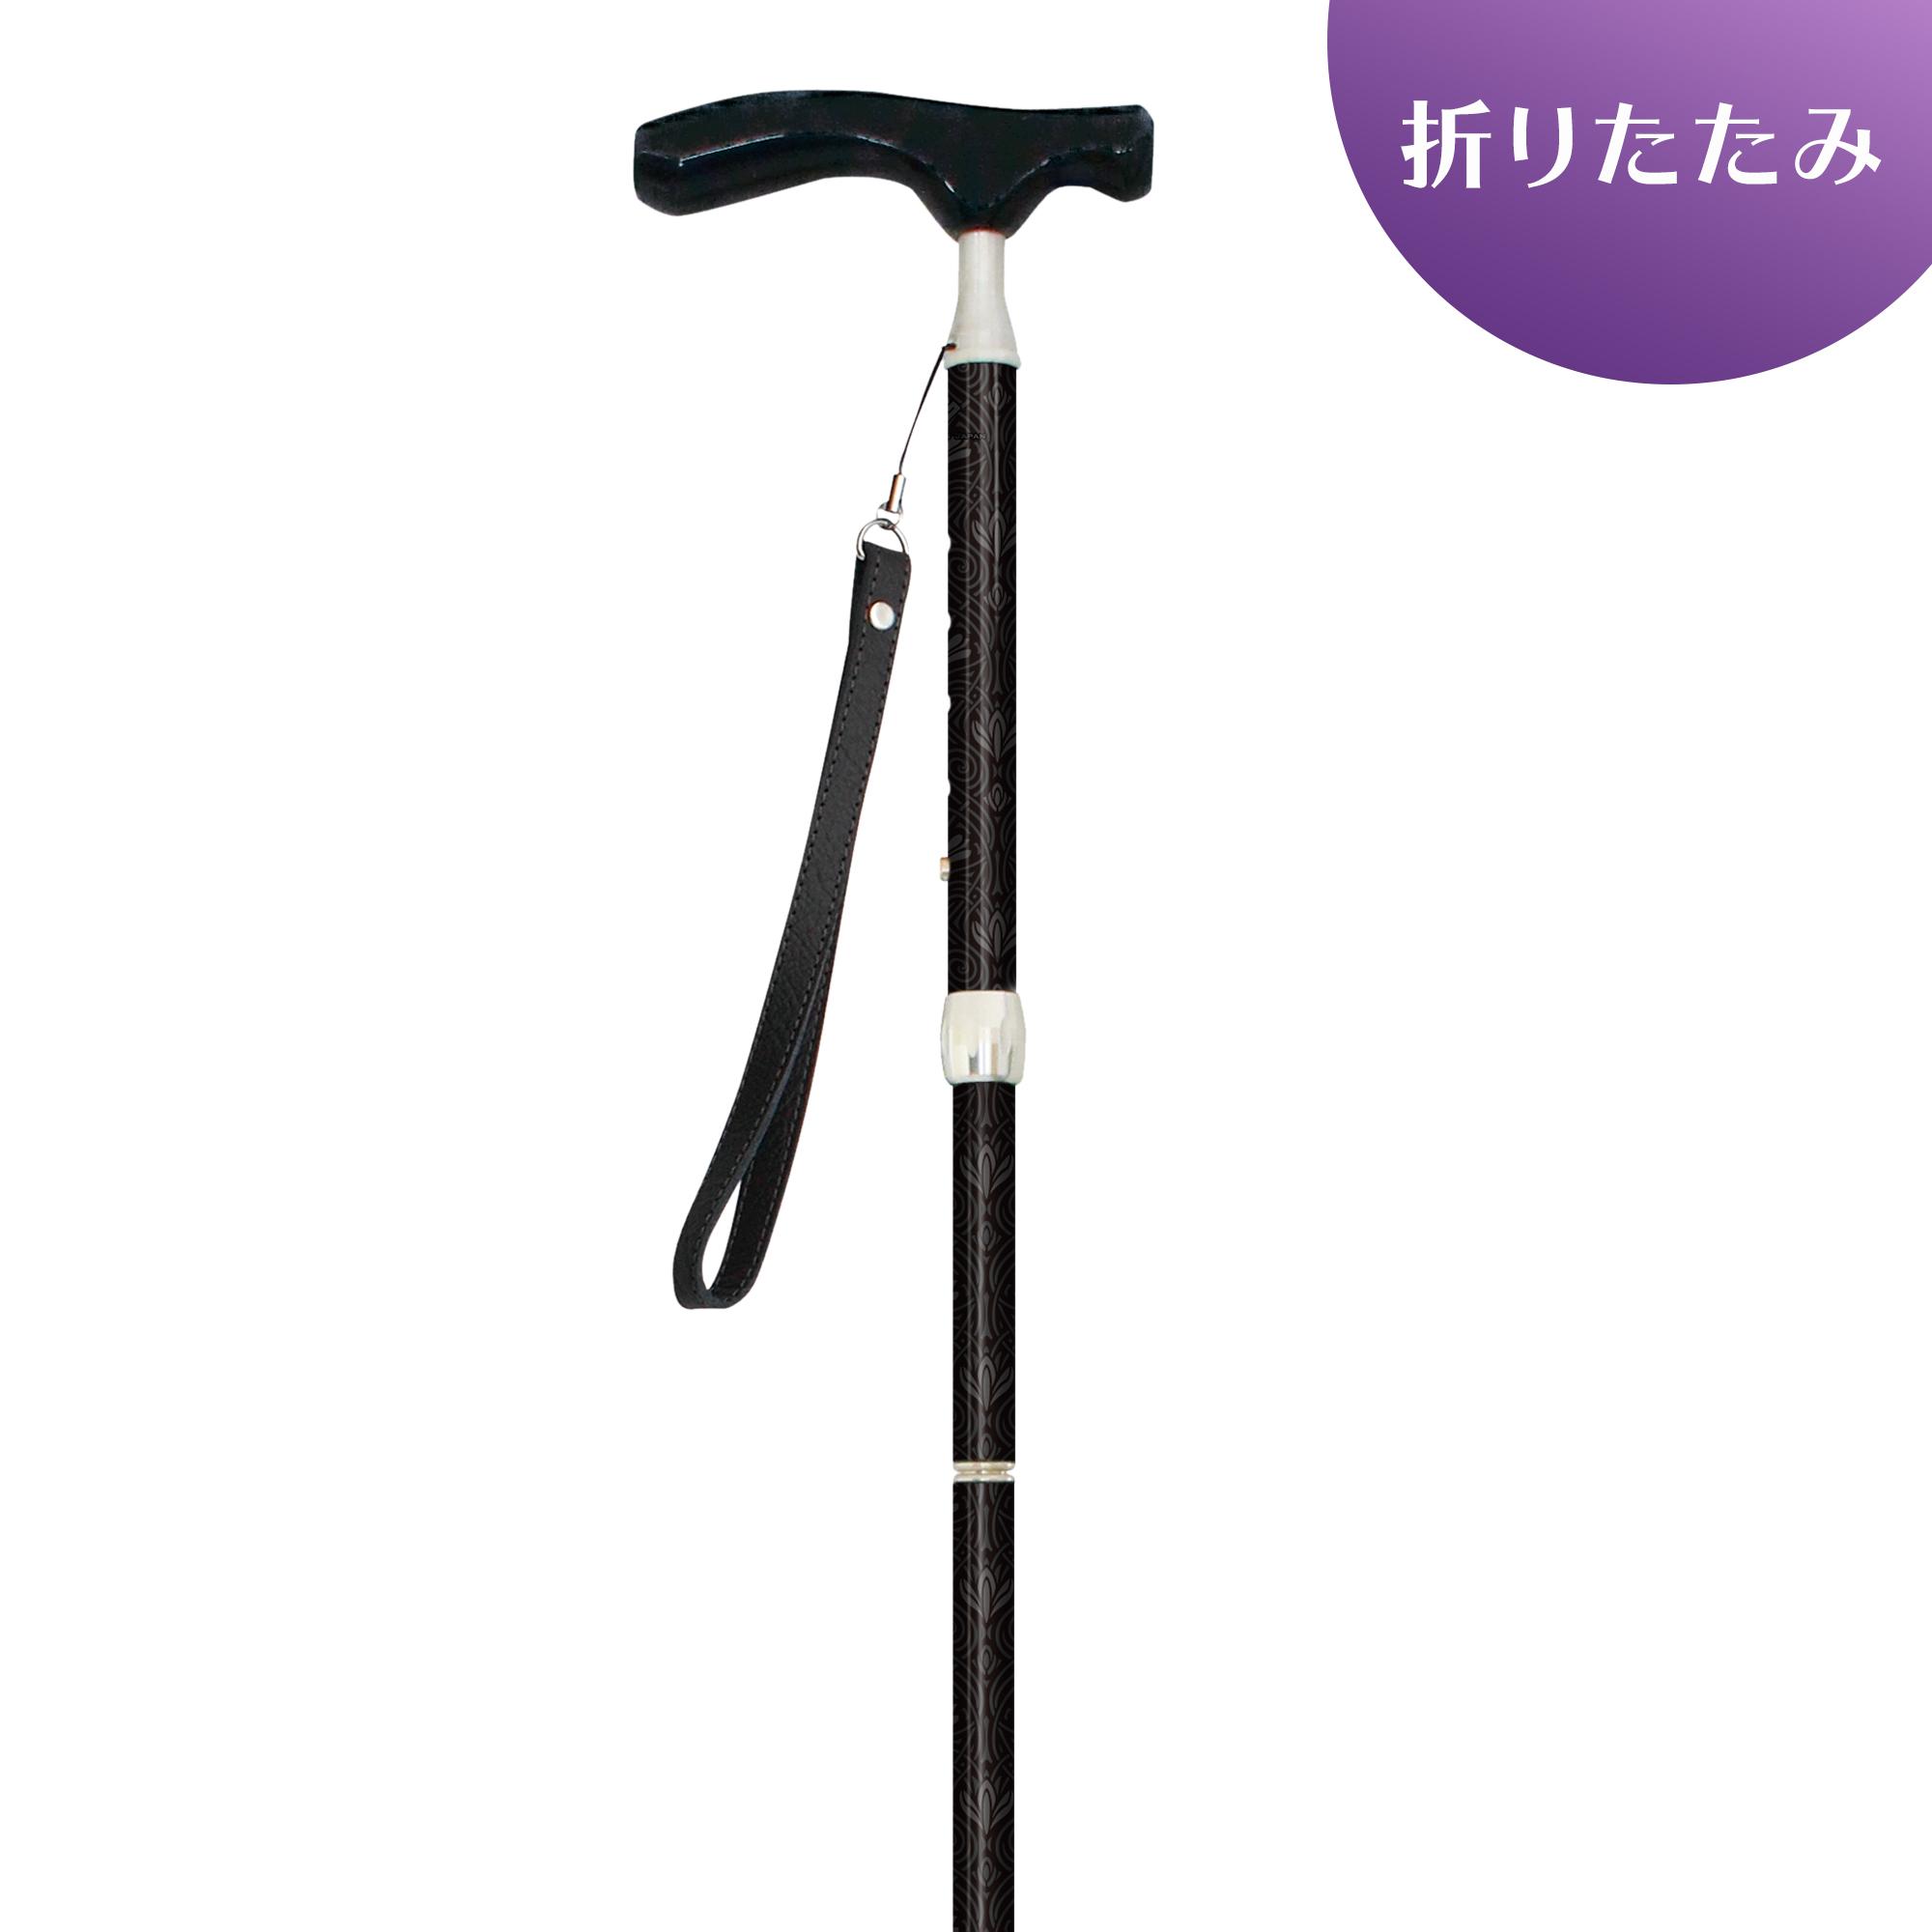 4段折畳式伸縮杖シナノ グランドカイノスBLACK 「アールヌーヴォー」